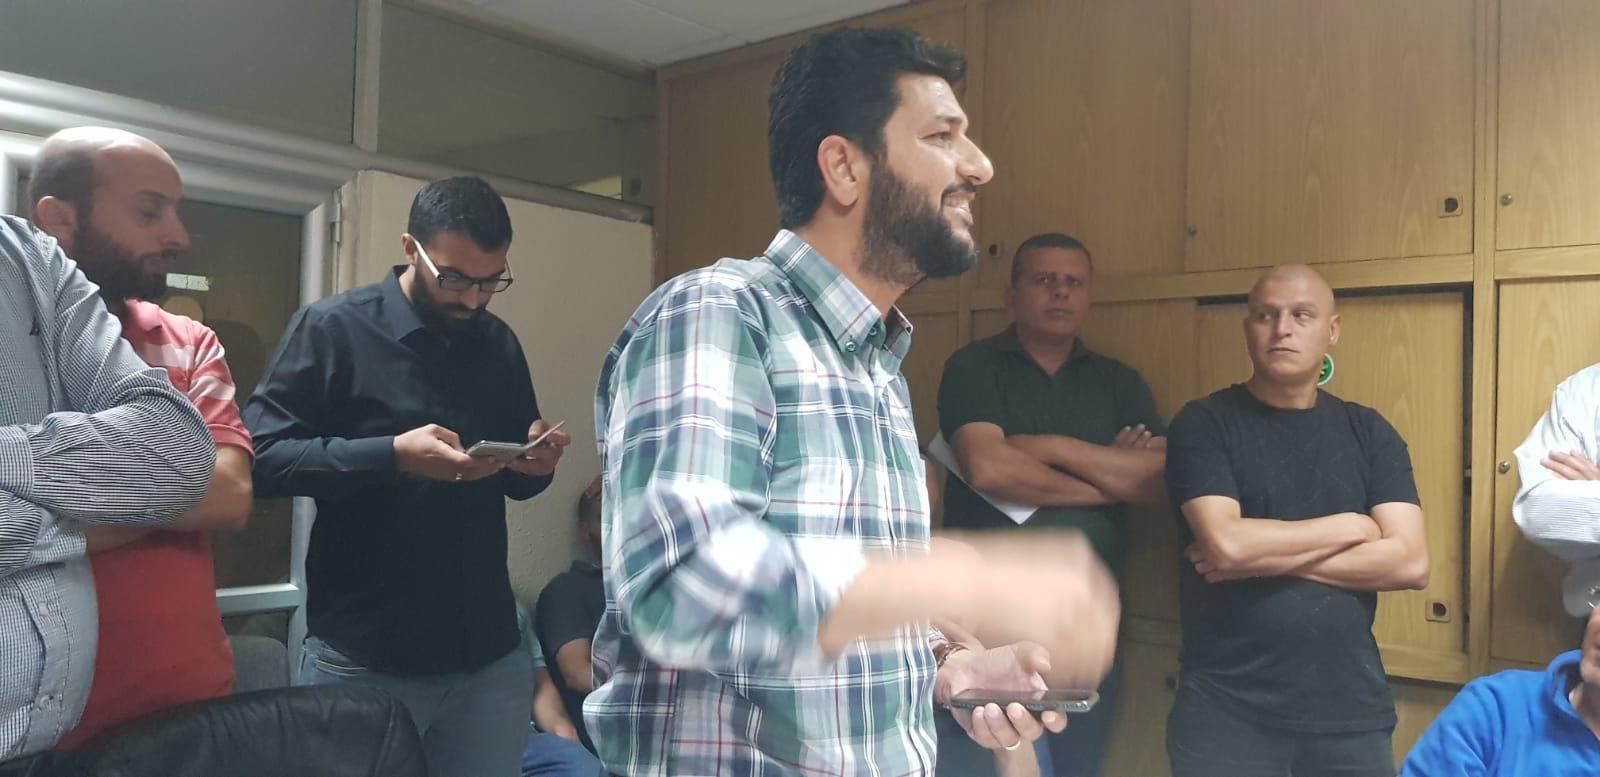 طمرة: حراك وغضب ومطالبة الشرطة بالكشف عن قتلة وسام ياسين